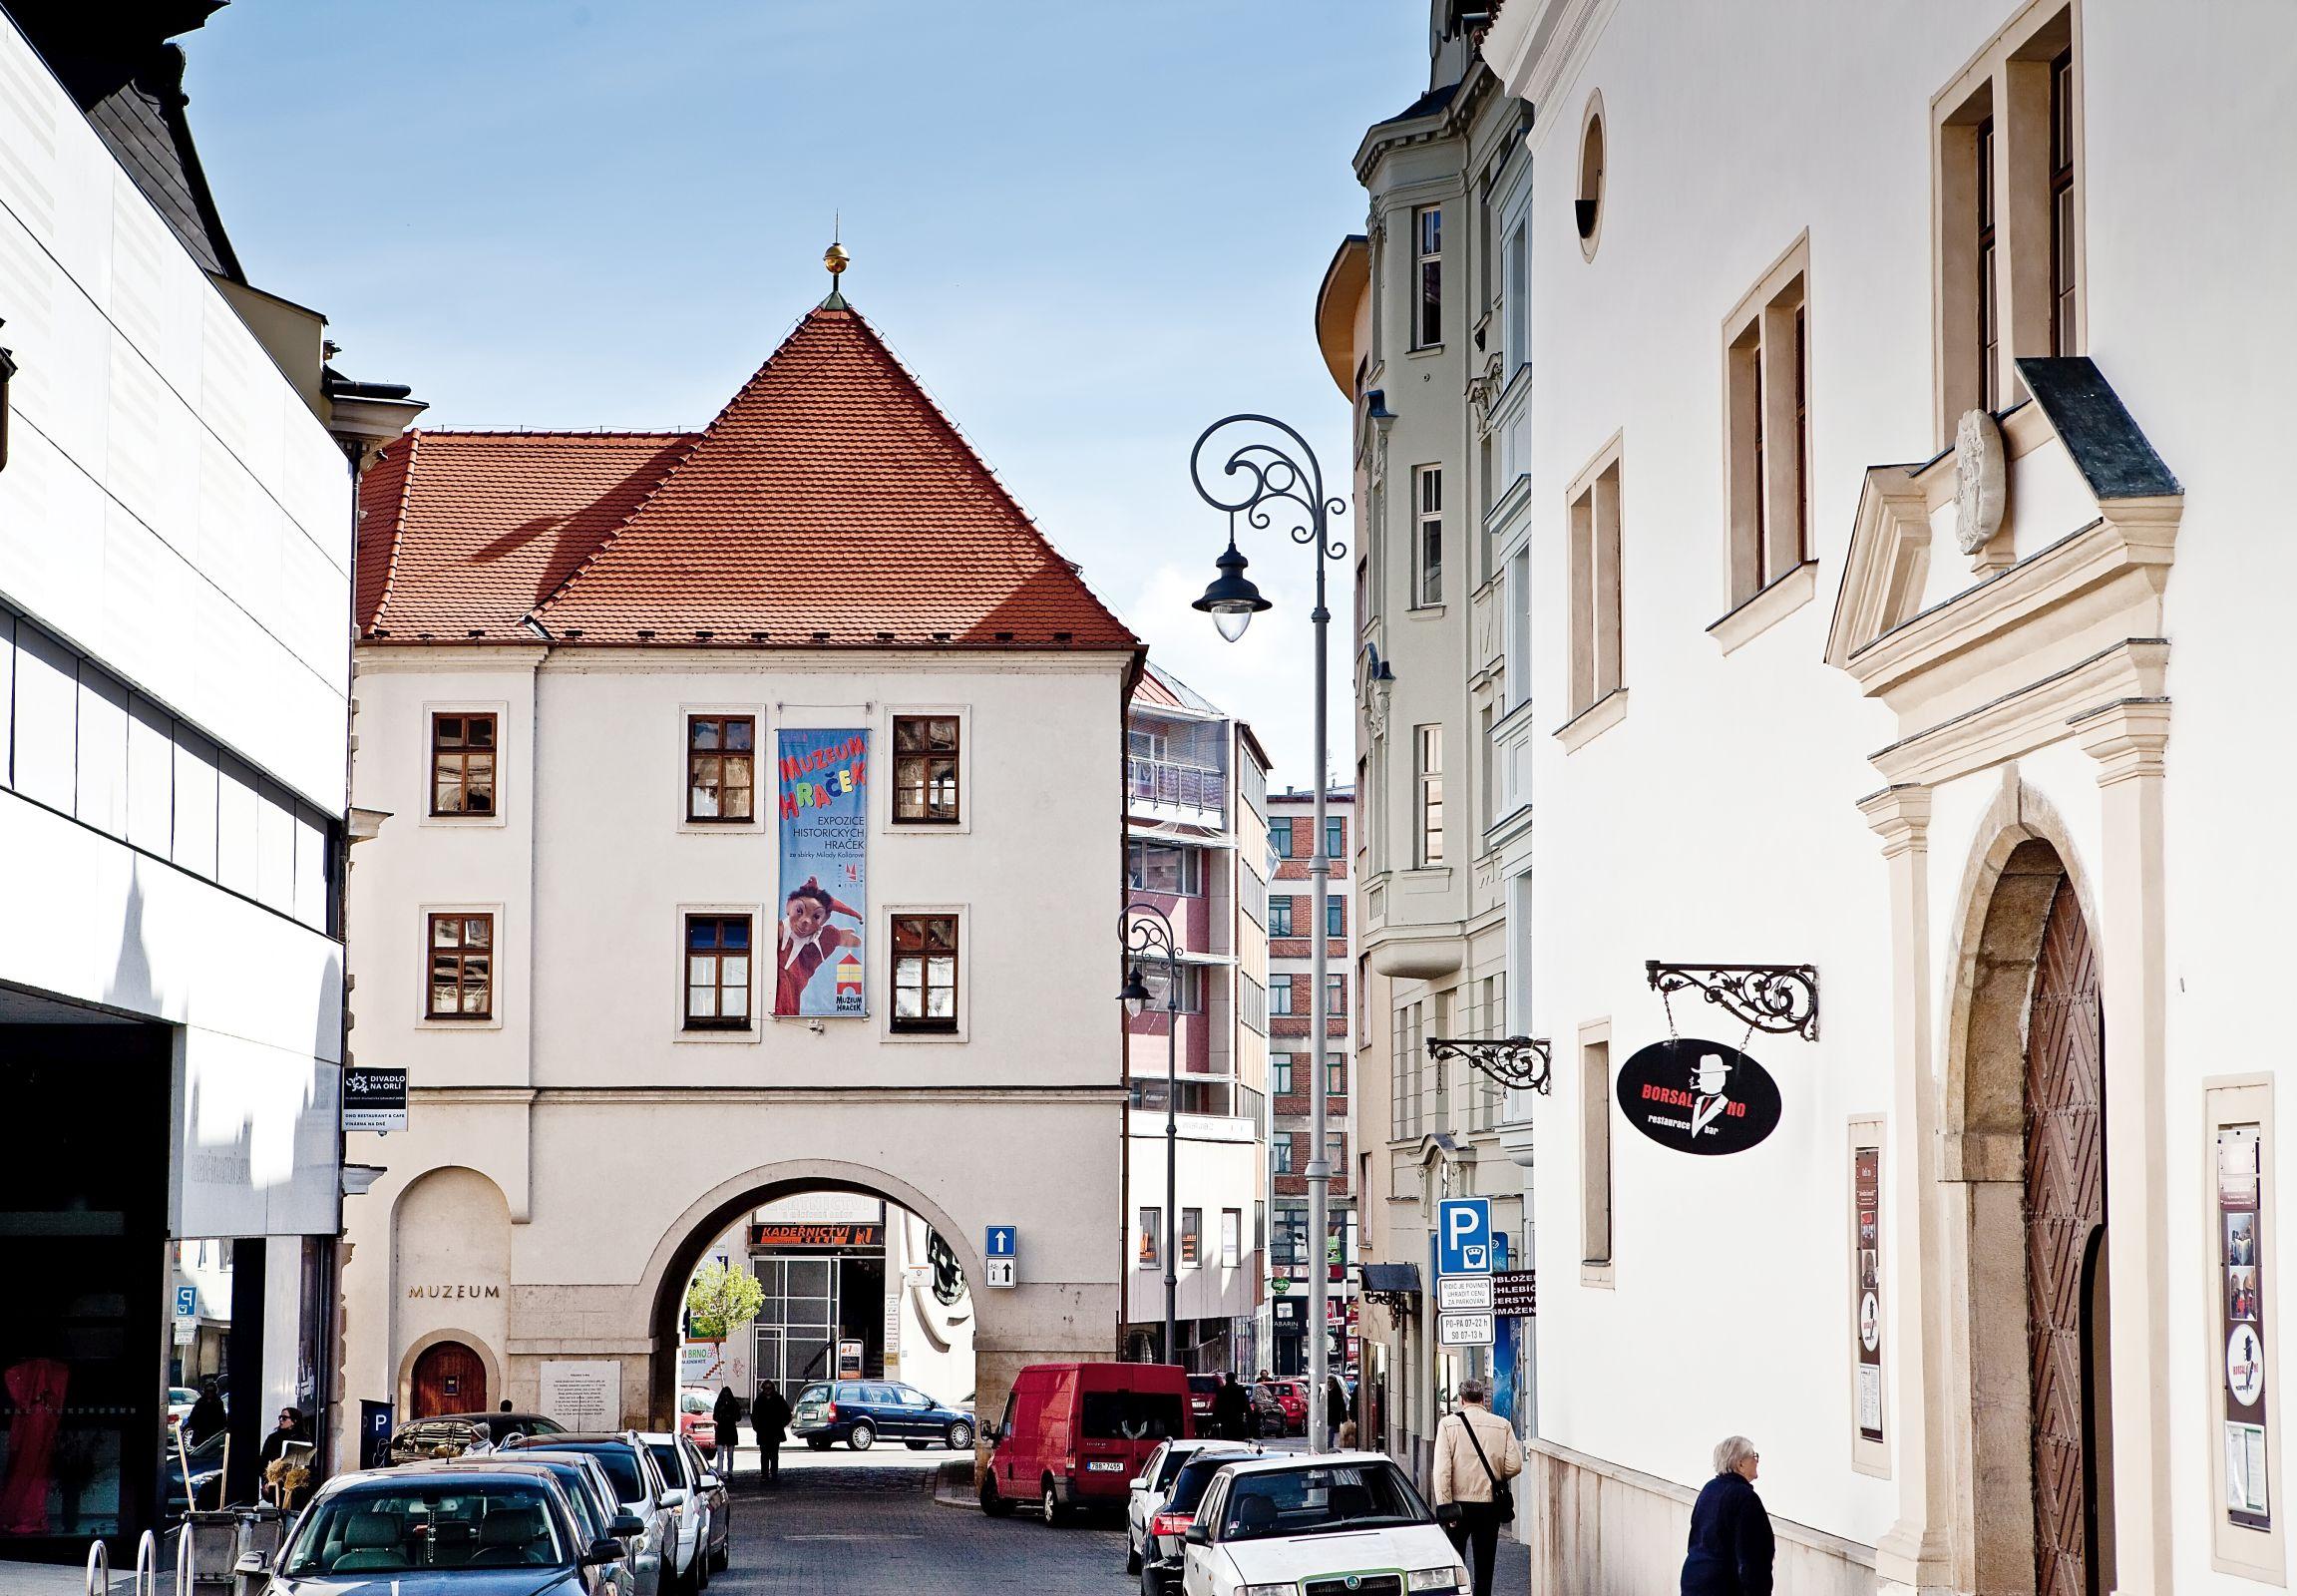 Měnín Gate (Měnínská brána) in Brno